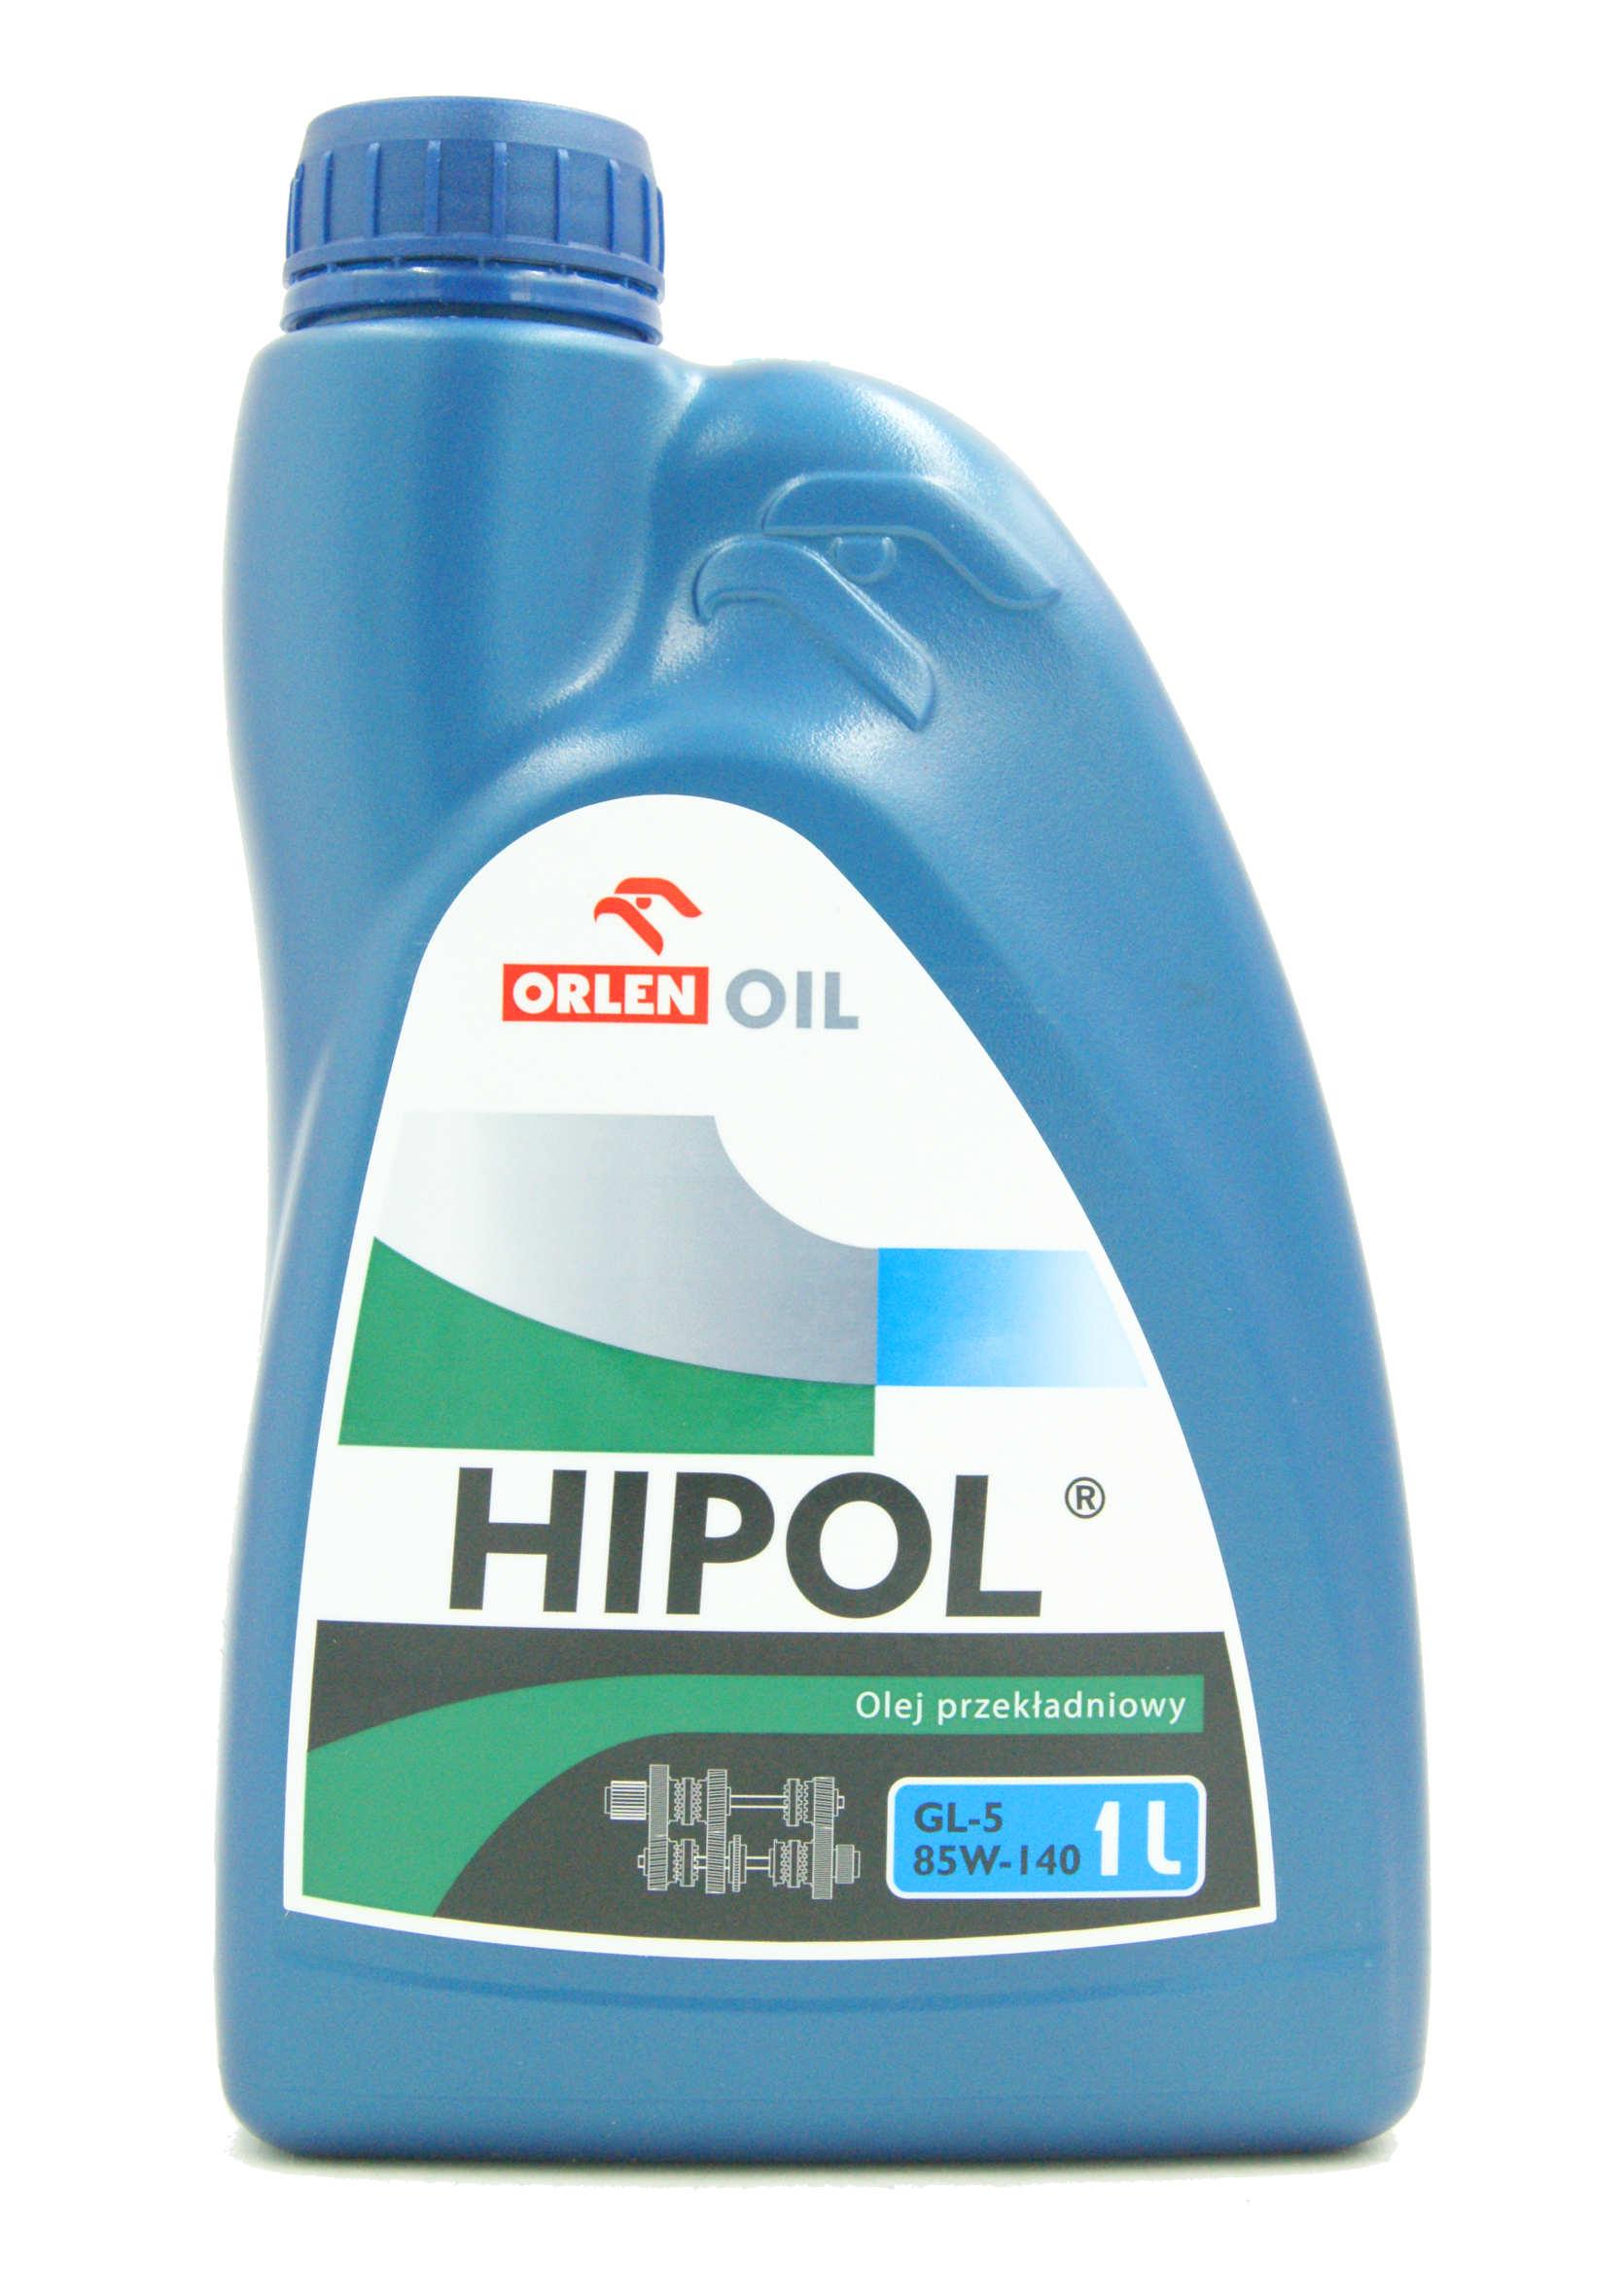 Hipol 85W140 GL-5 1L Olej Przekładniowy Mineralny do Skrzyni Biegów